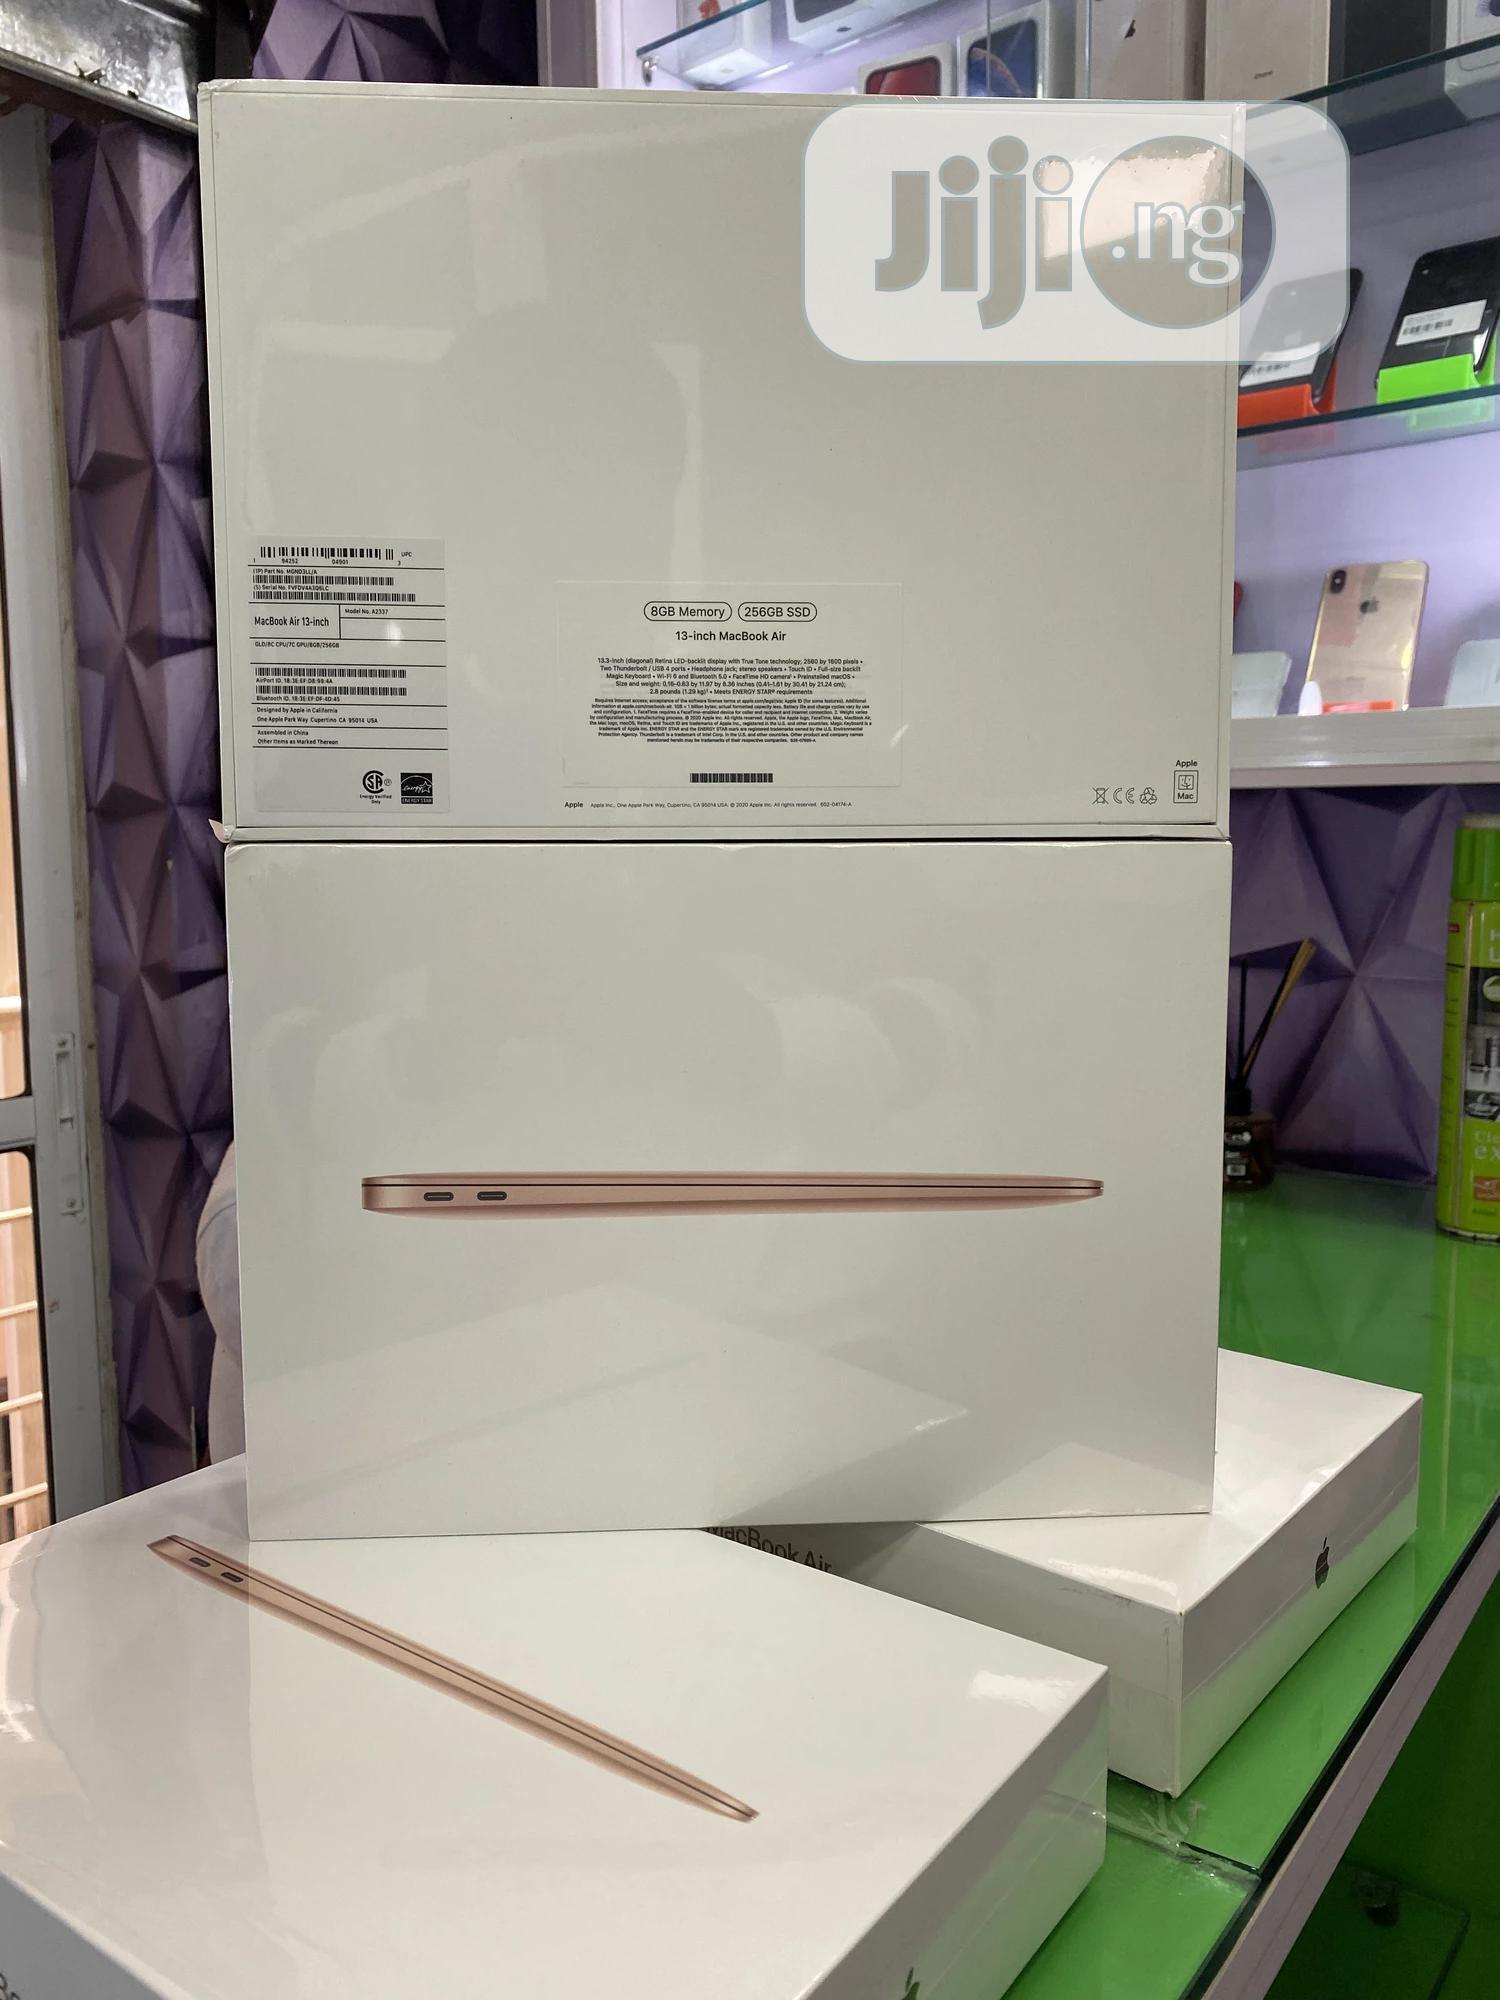 New Laptop Apple MacBook Air 2020 8GB Intel Core I7 SSD 256GB